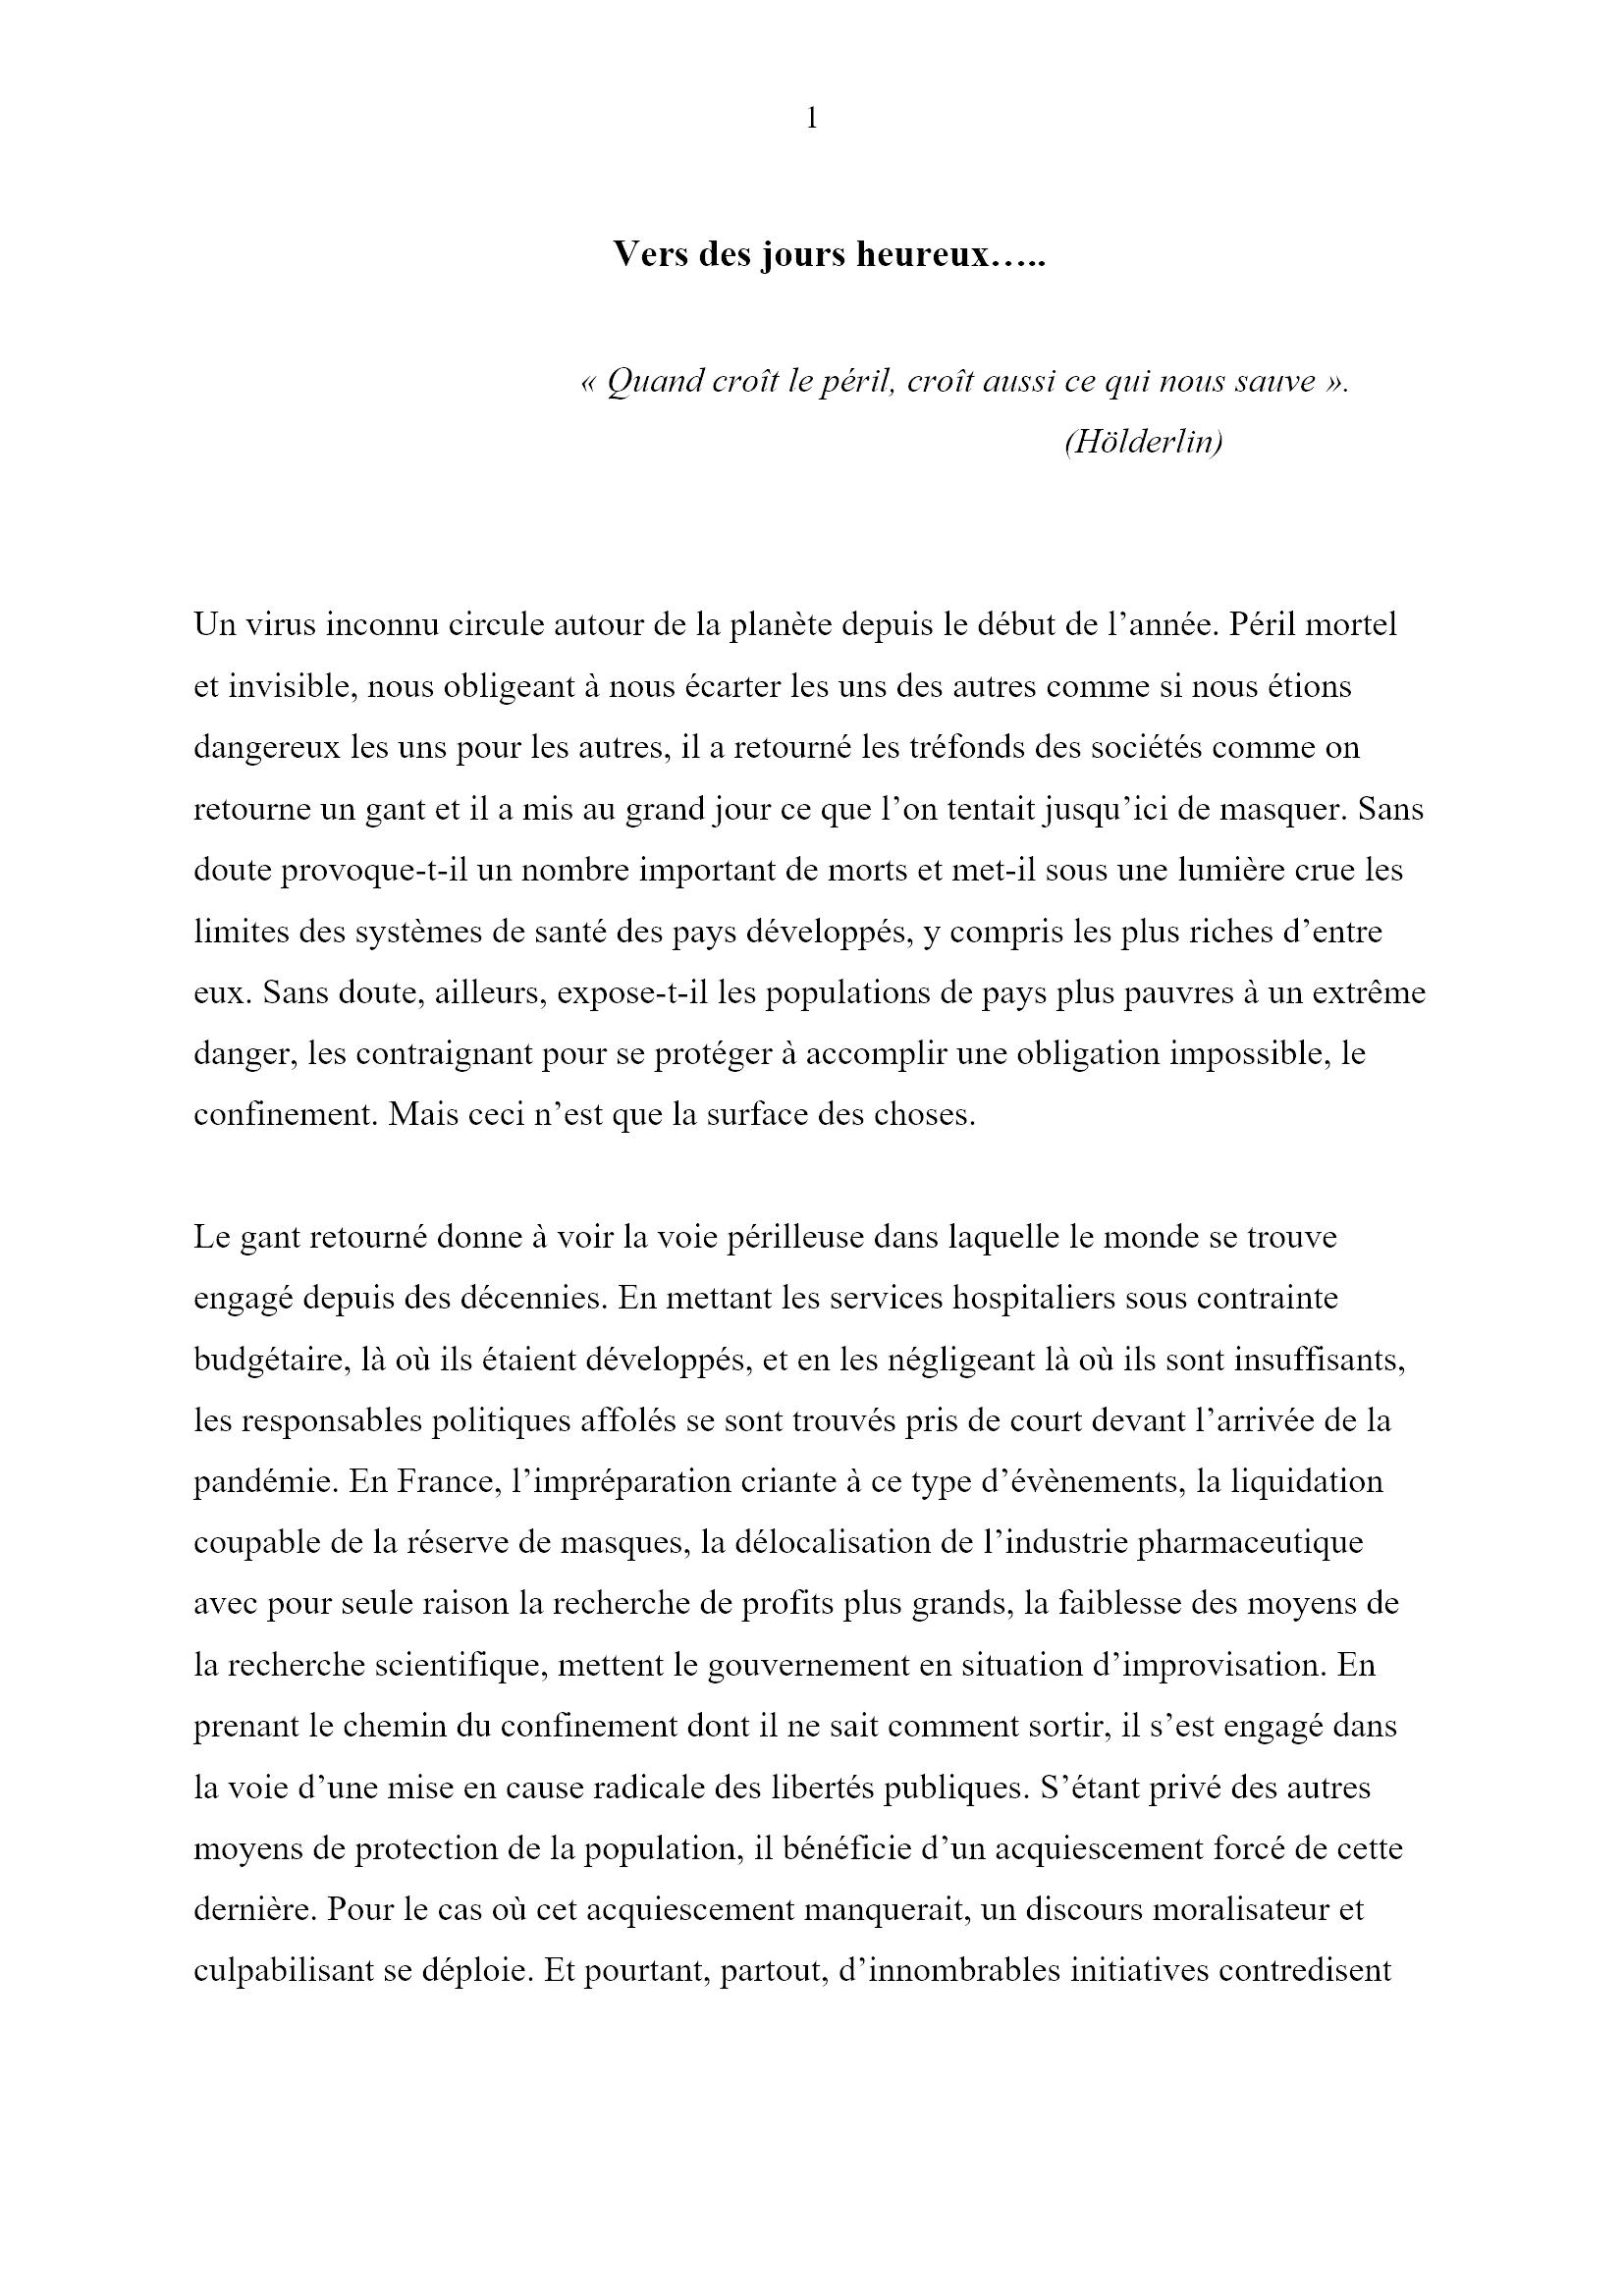 Des jours heureux... Monique Chemillier-Gendreau 1x16